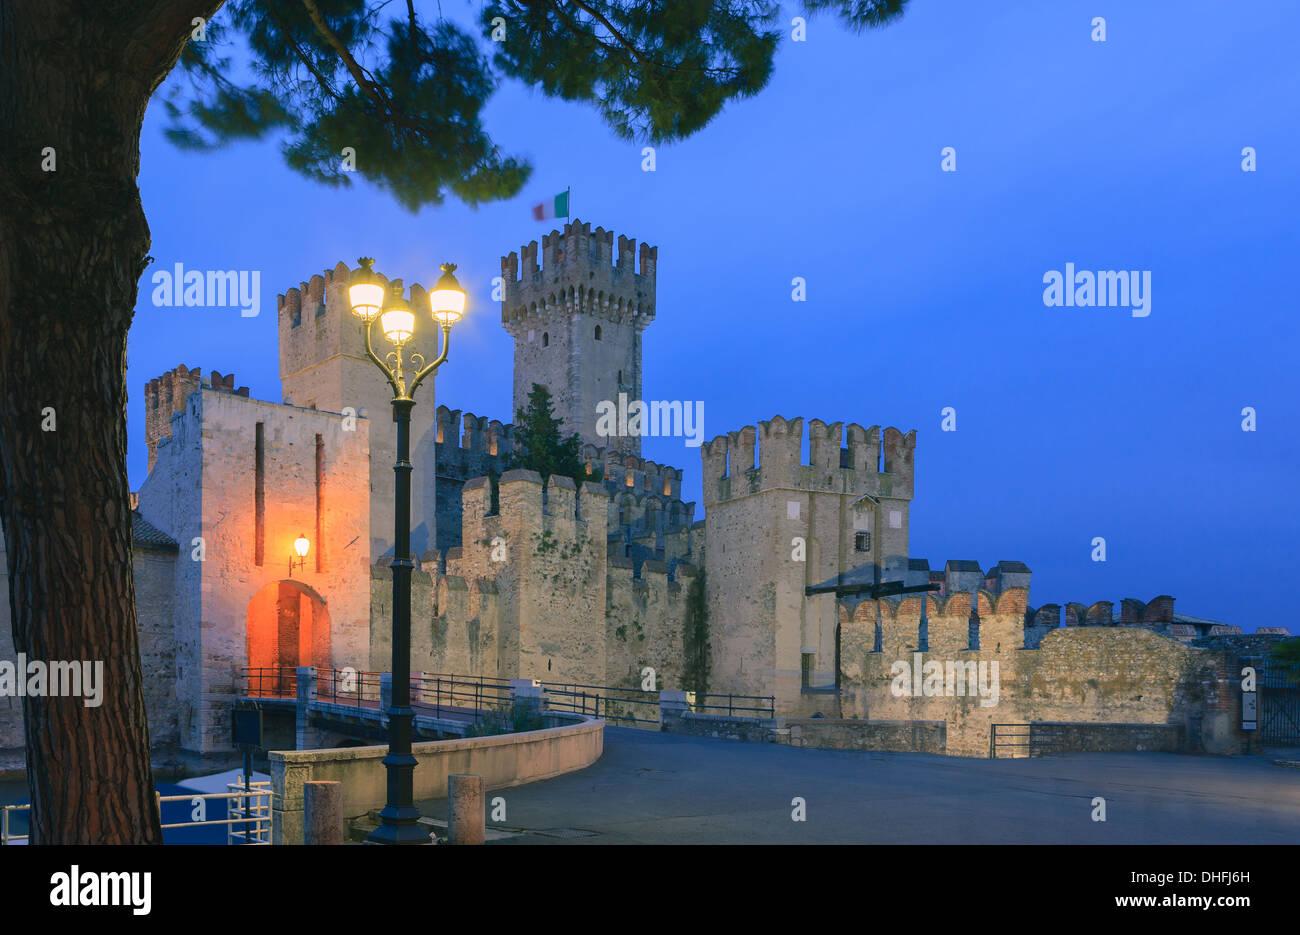 Sirmione è un comune sul lago di Garda in provincia di Brescia, in Lombardia, Italia settentrionale Immagini Stock